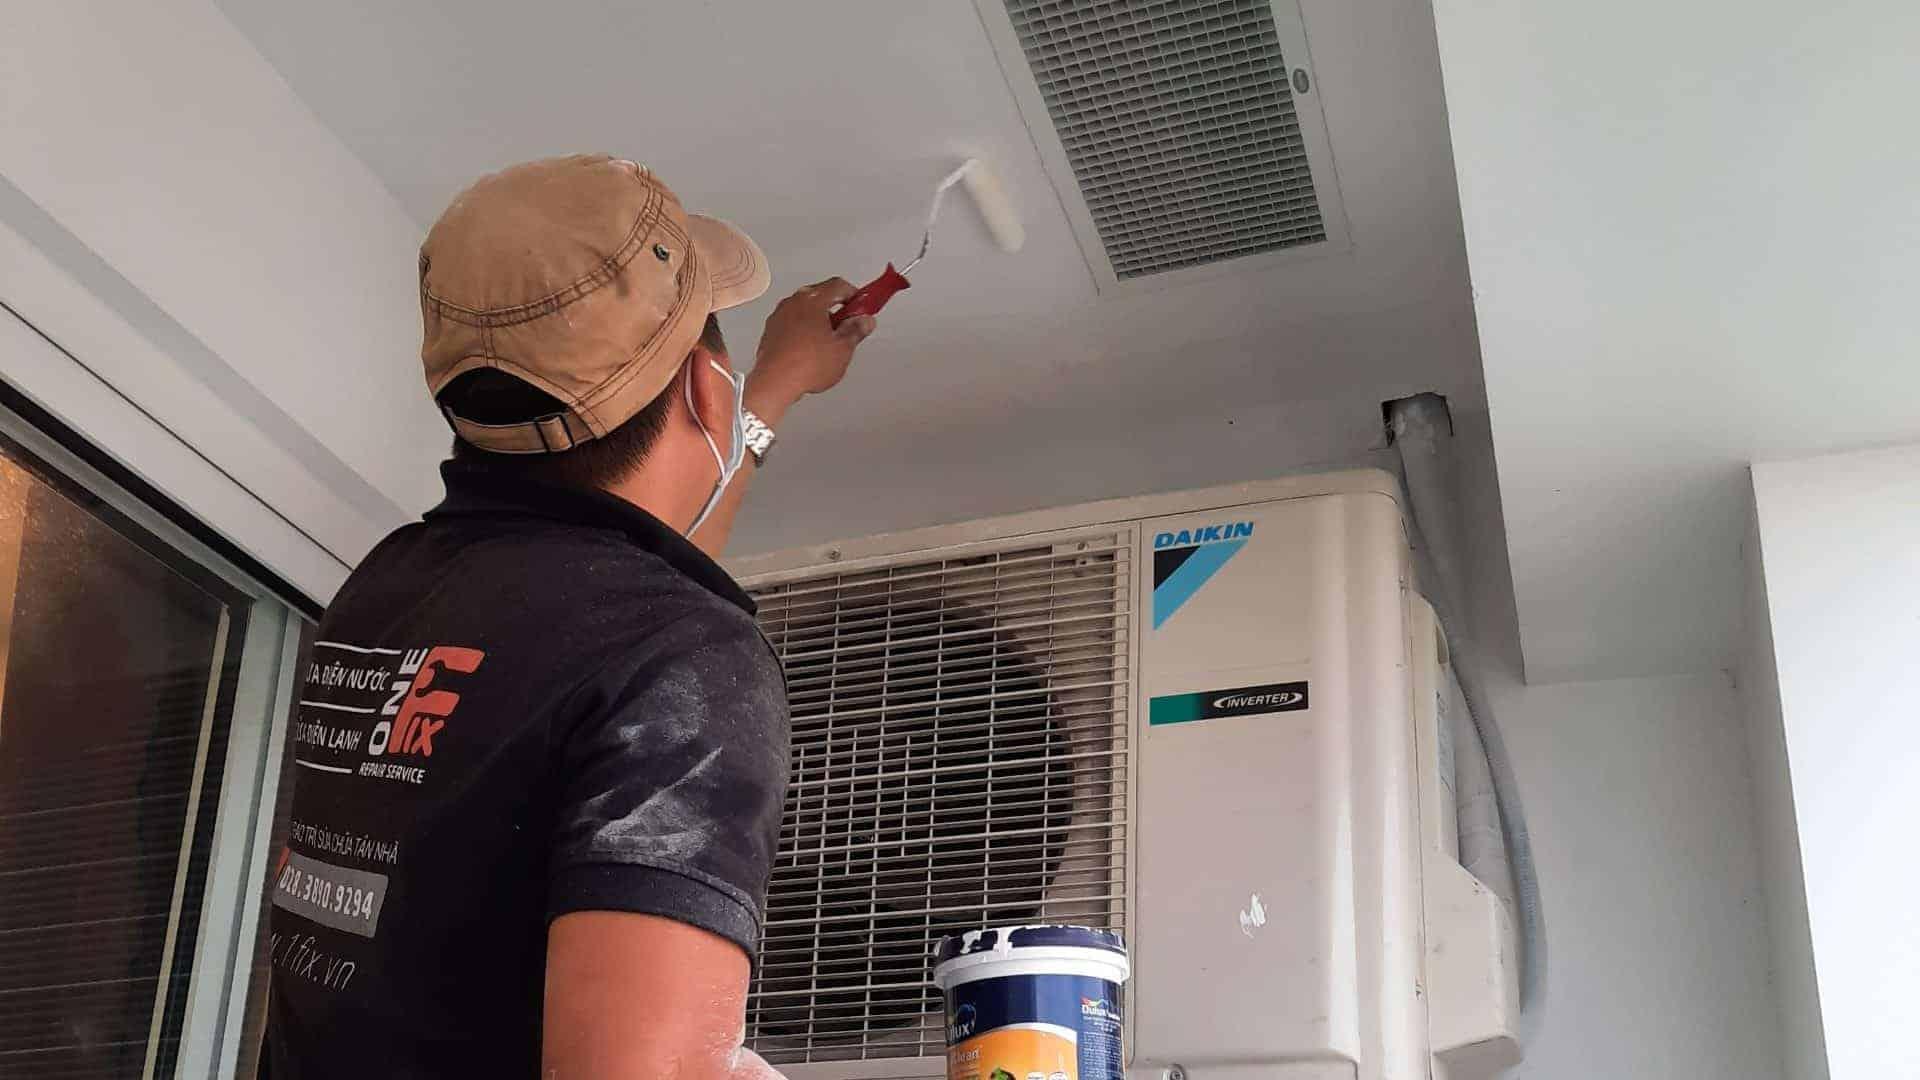 Thi công sửa chữa nhà tại quận Gò Vấp